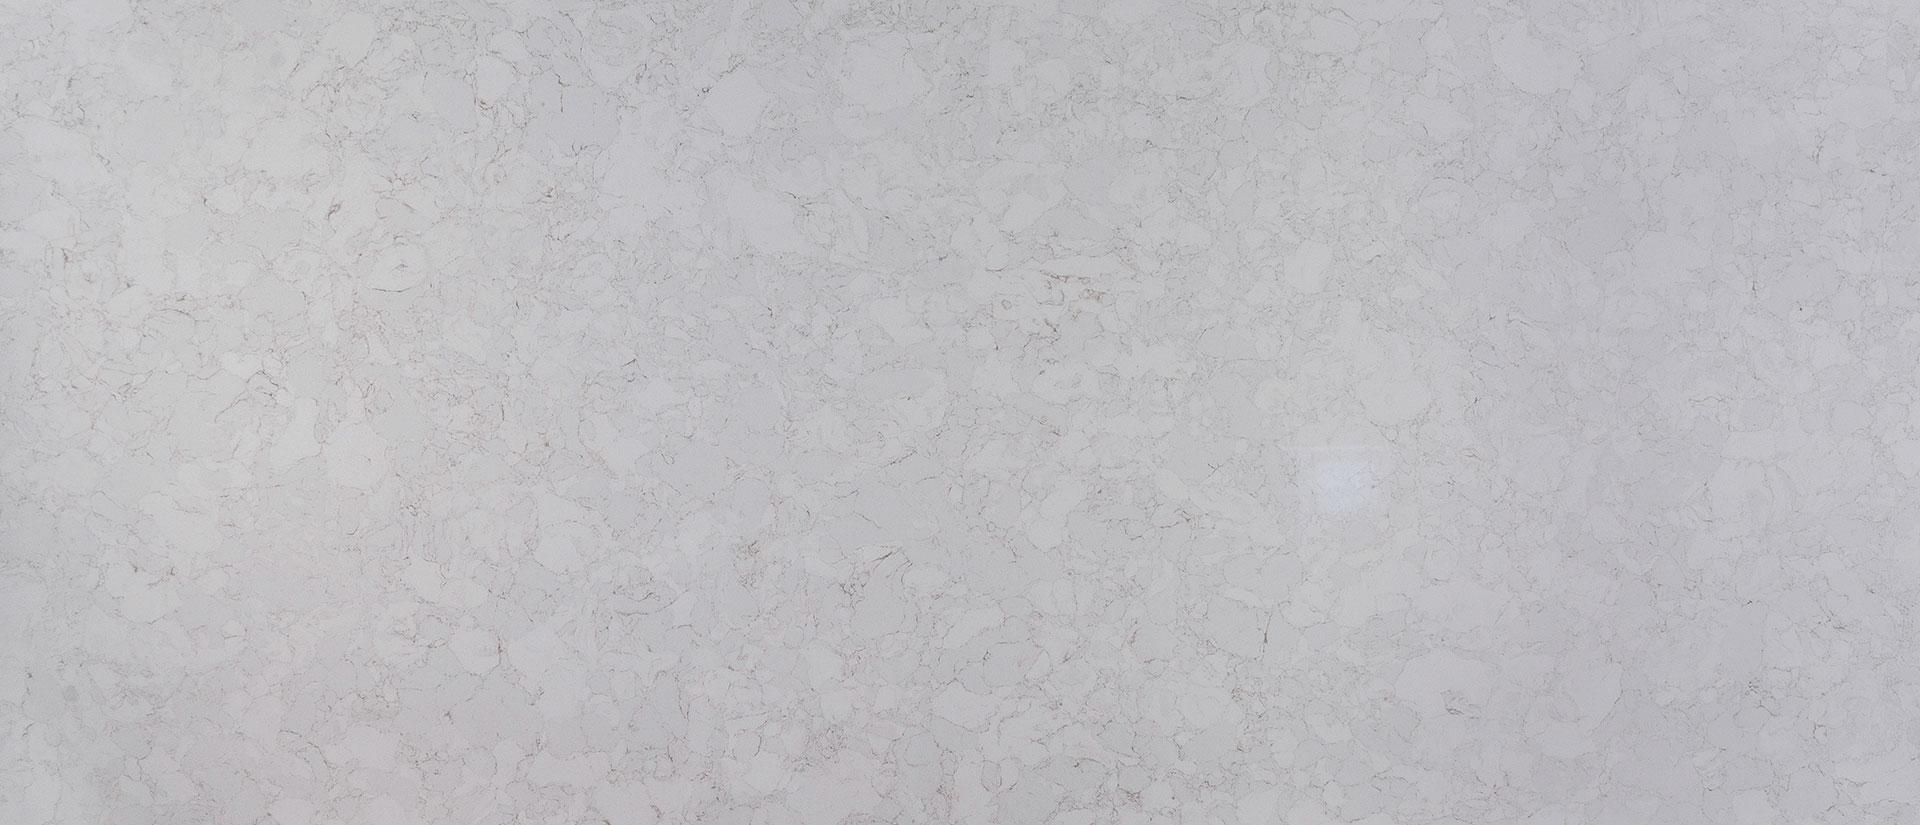 Marbella White Quartz